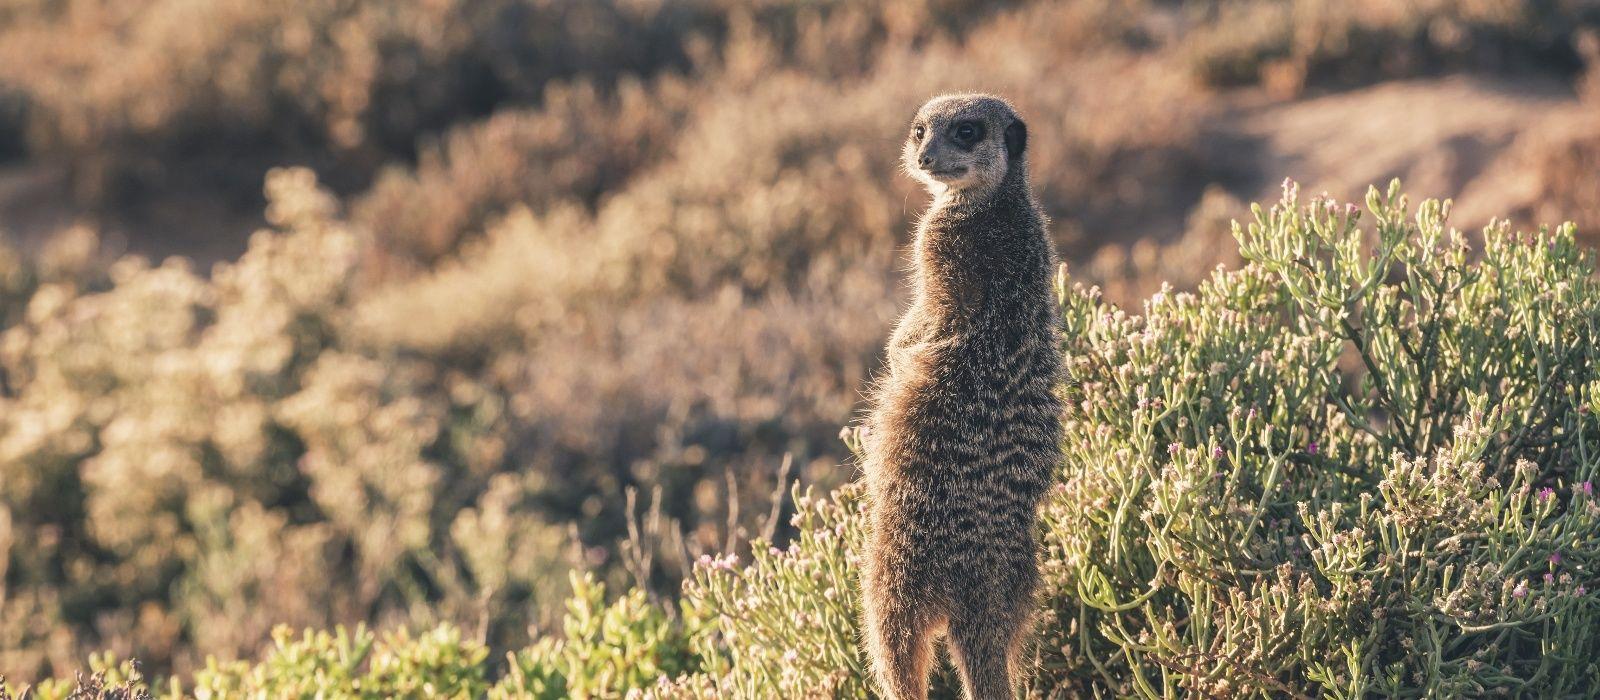 Destination Little Karoo (Oudtshoorn) South Africa